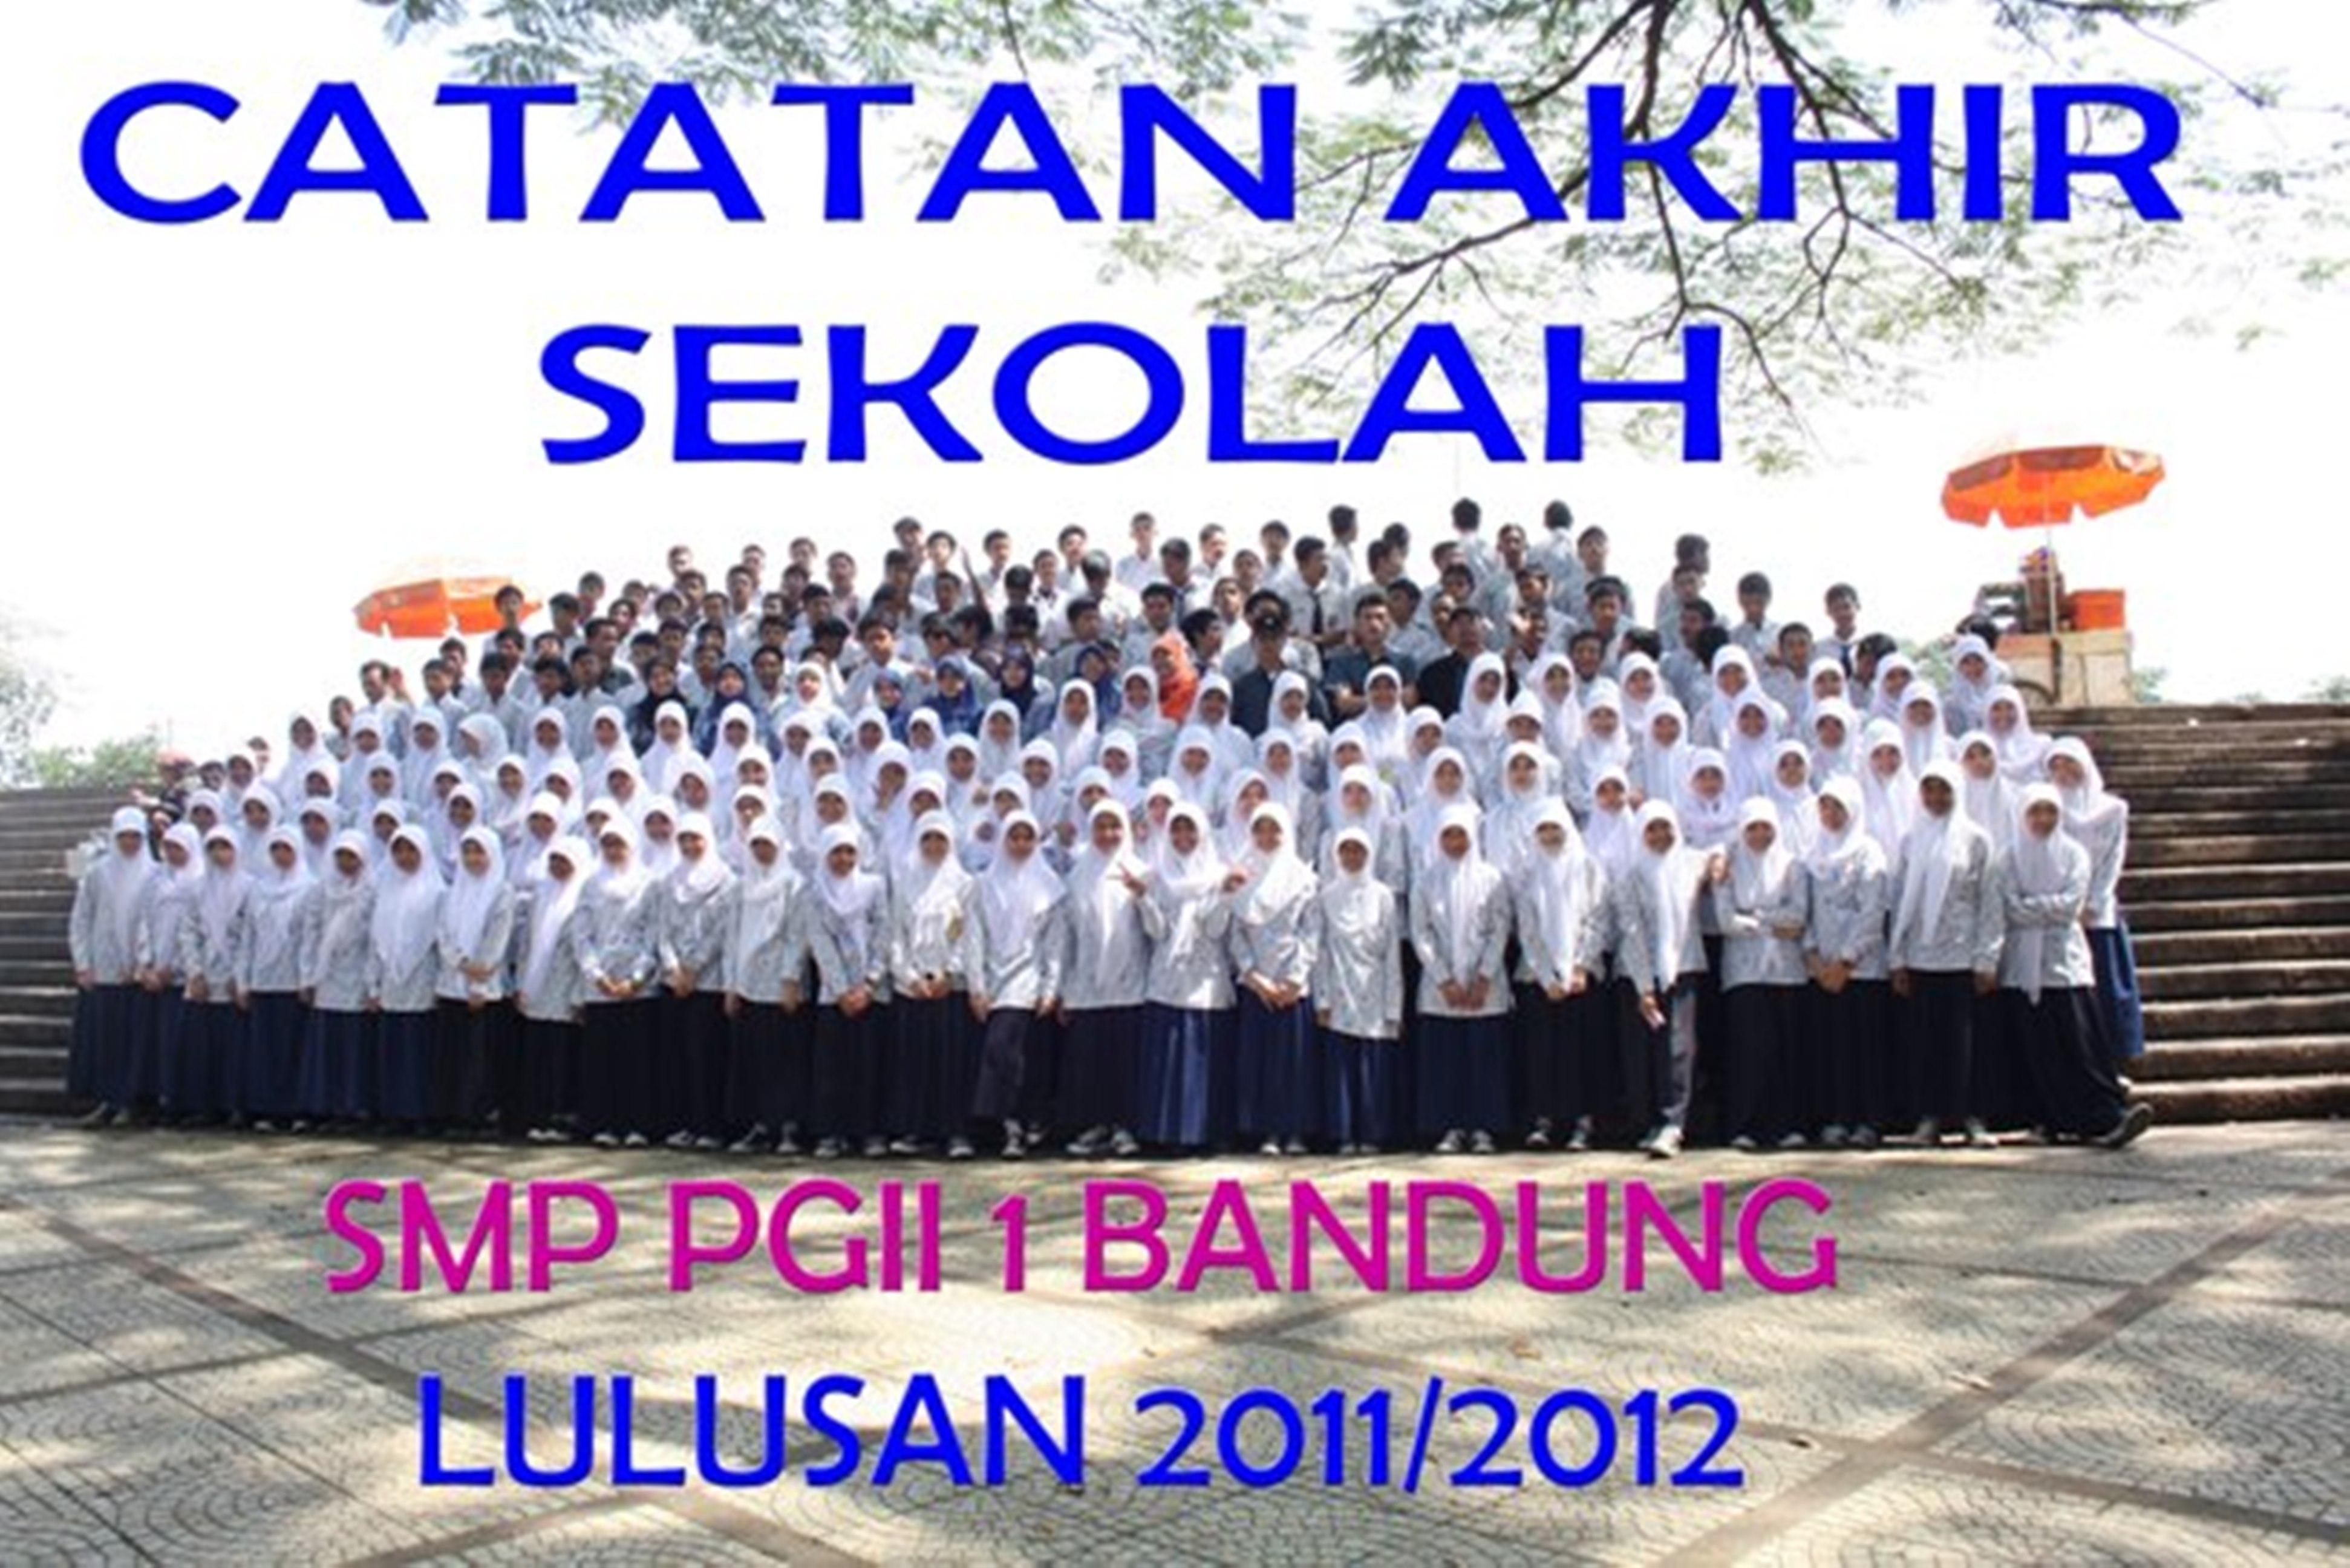 smp pgii 1 lulusan 2011-2012